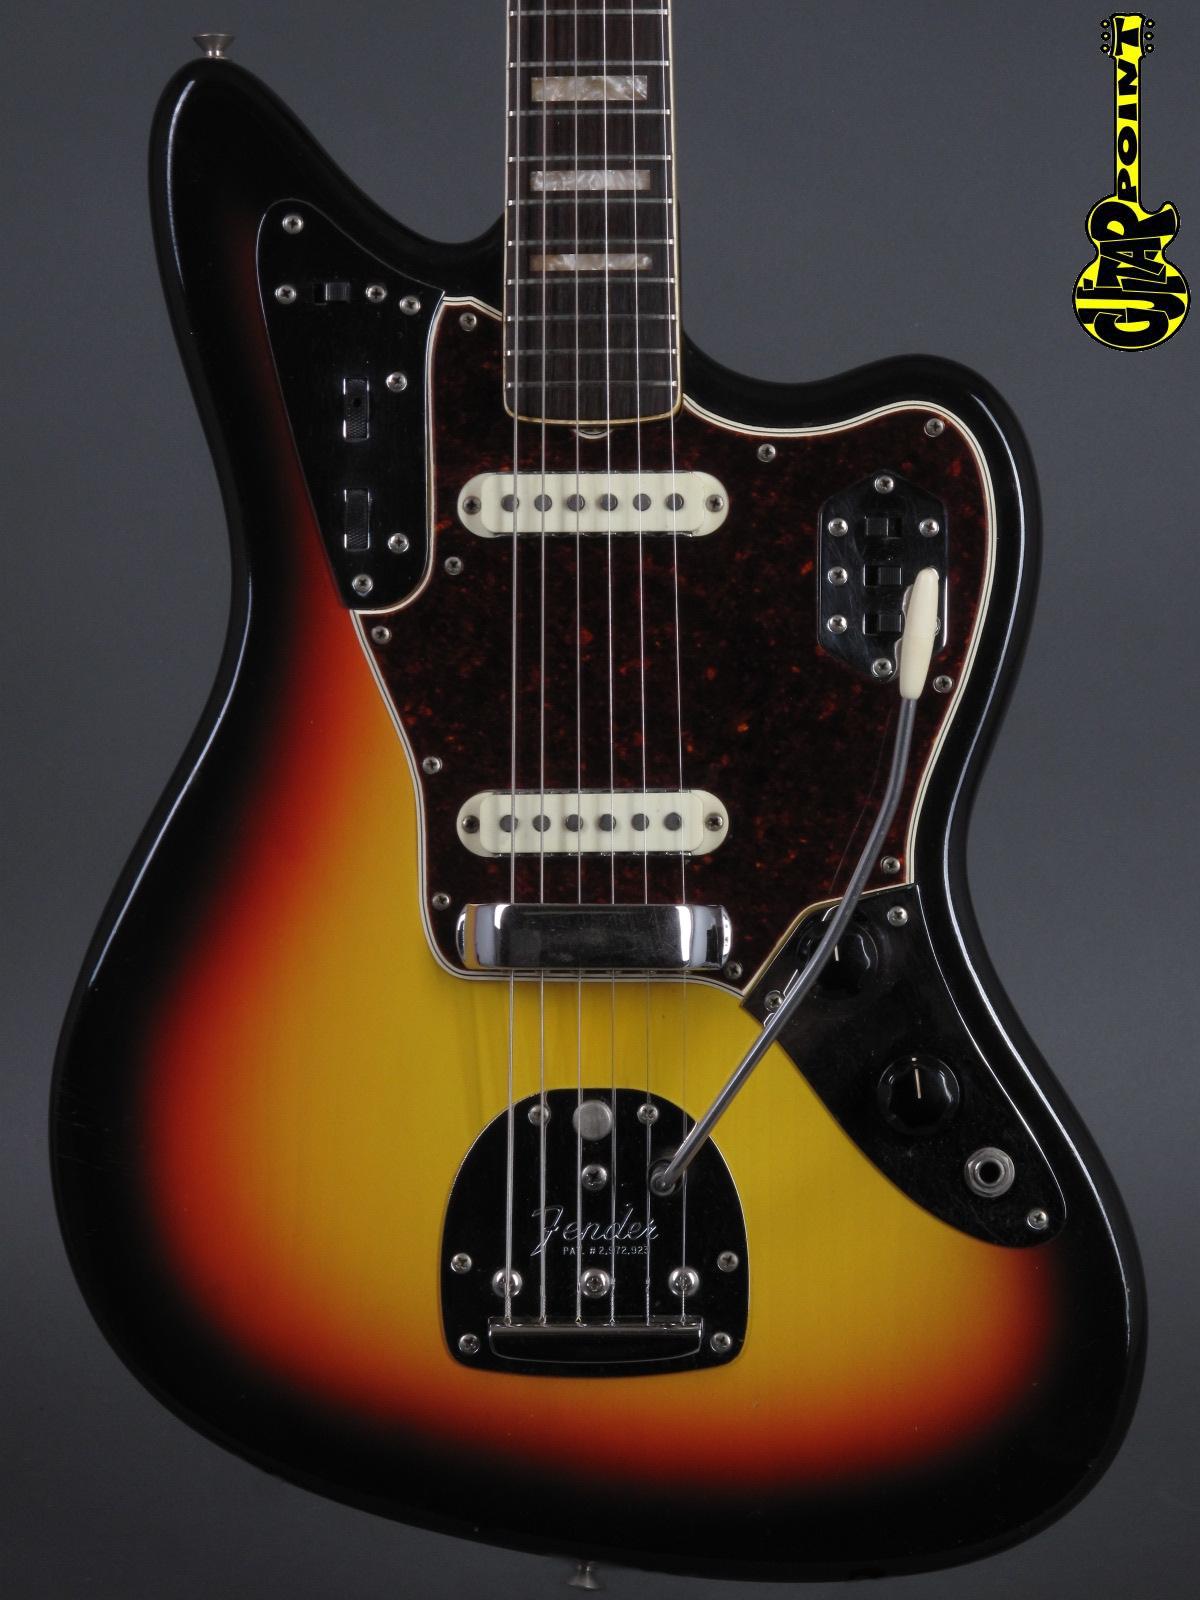 1966 Fender Jaguar - 3-tone Sunburst incl. orig. Tolex case